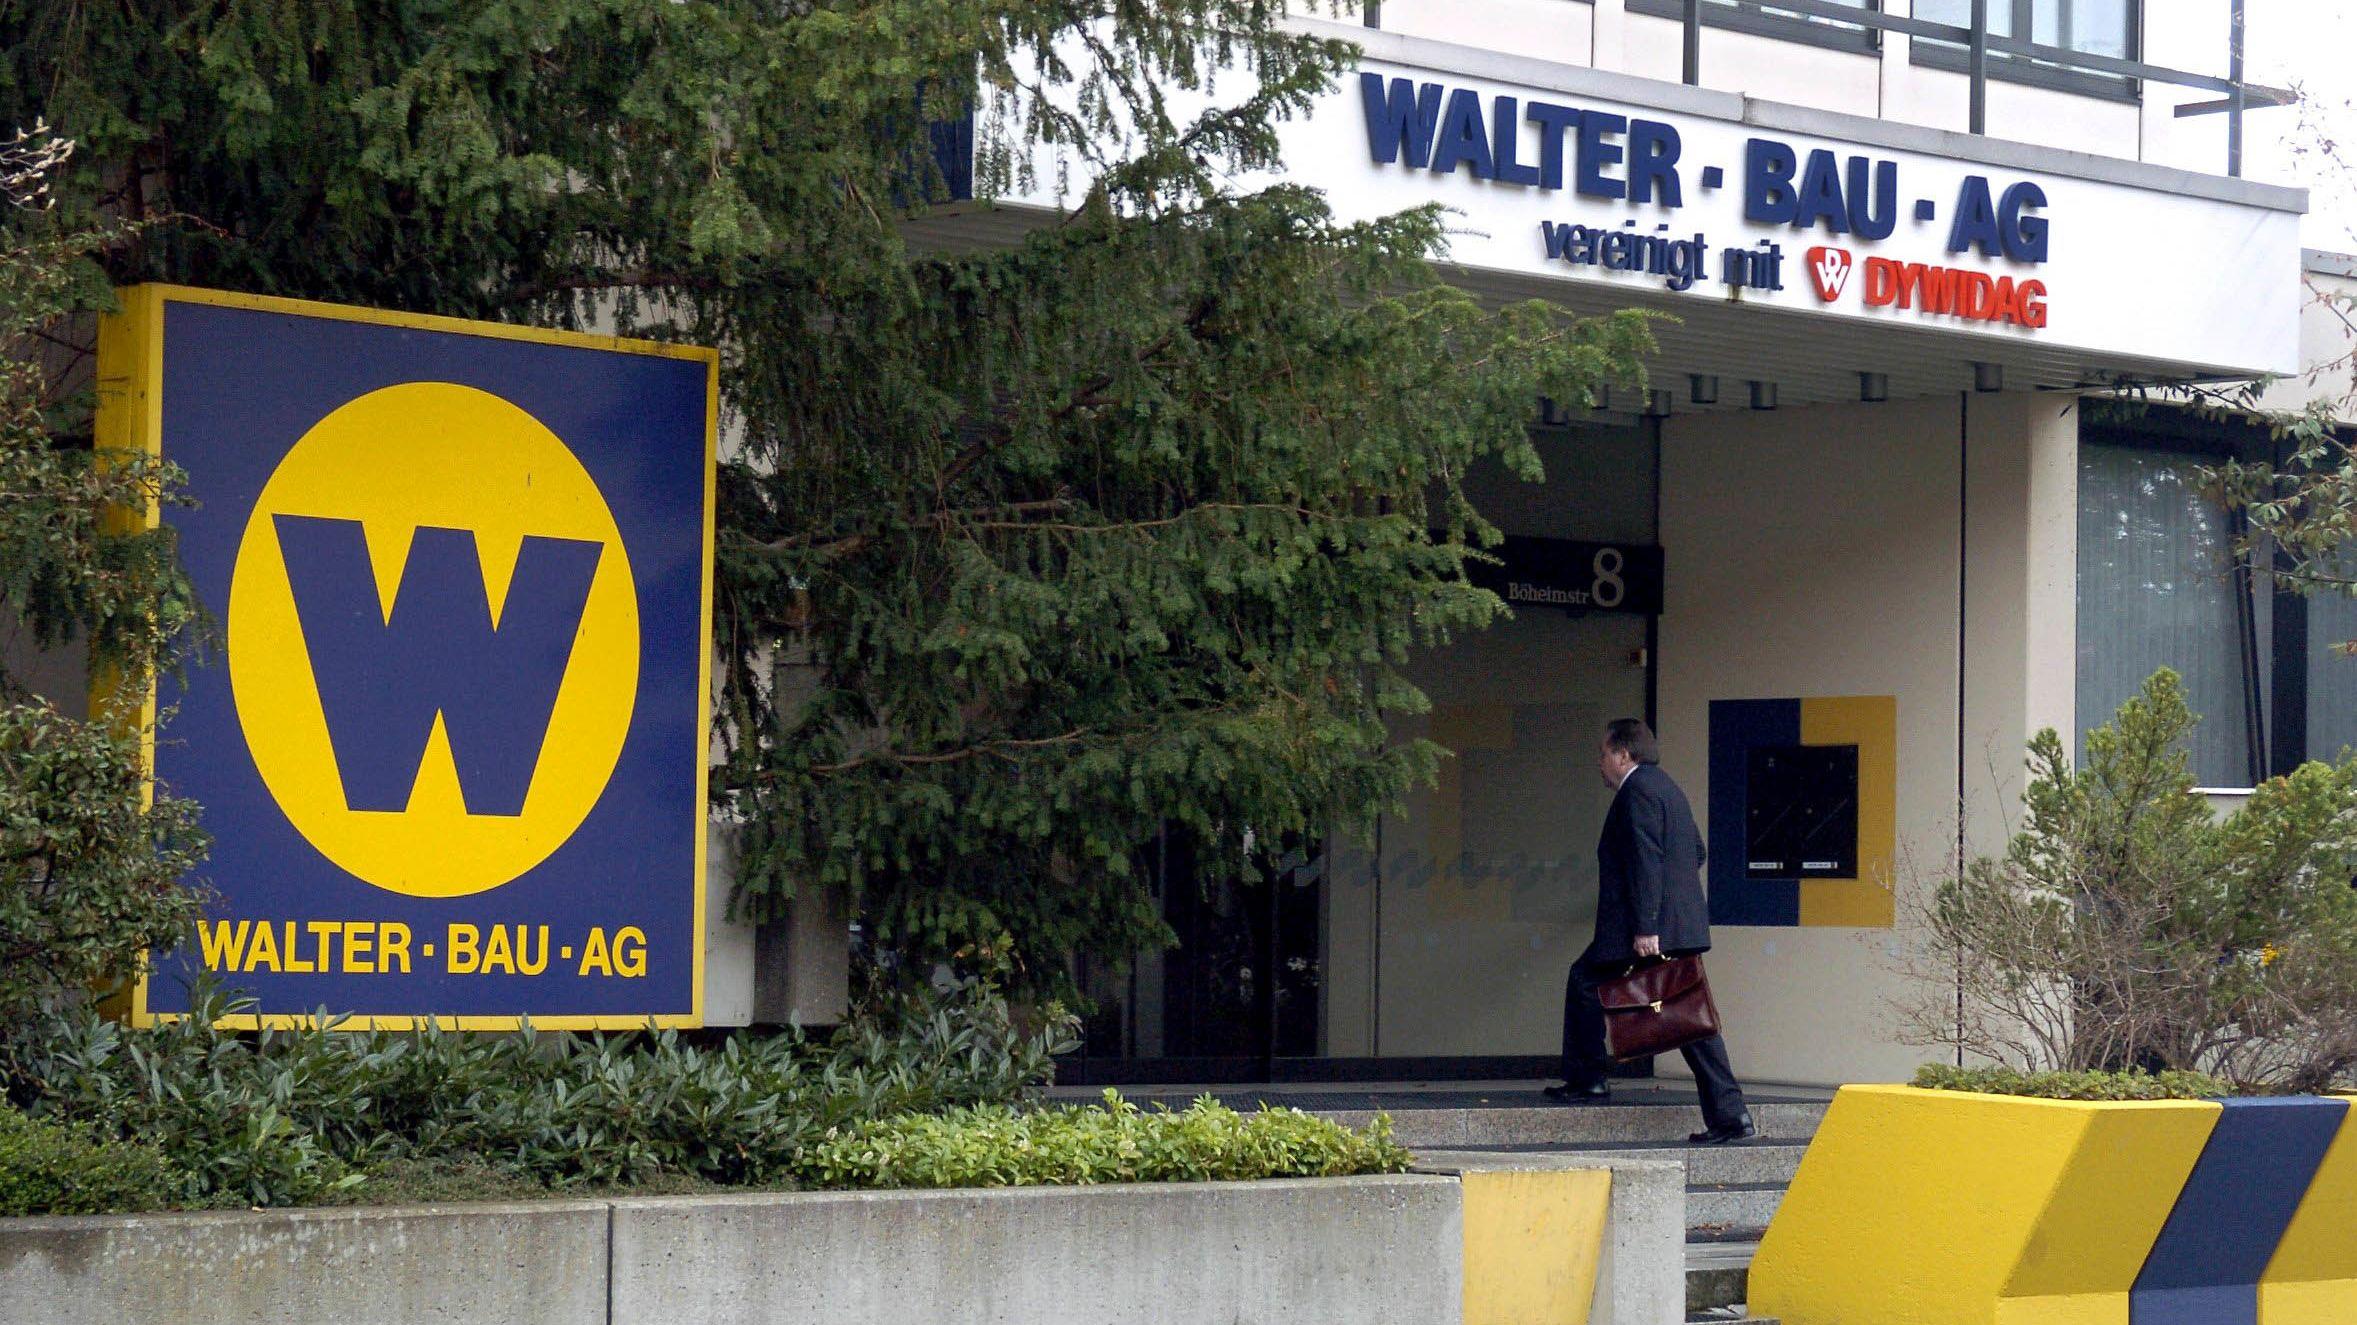 Archiv: Ein Mitarbeiter betritt das Gebäude der Walter Bau AG in Augsburg.